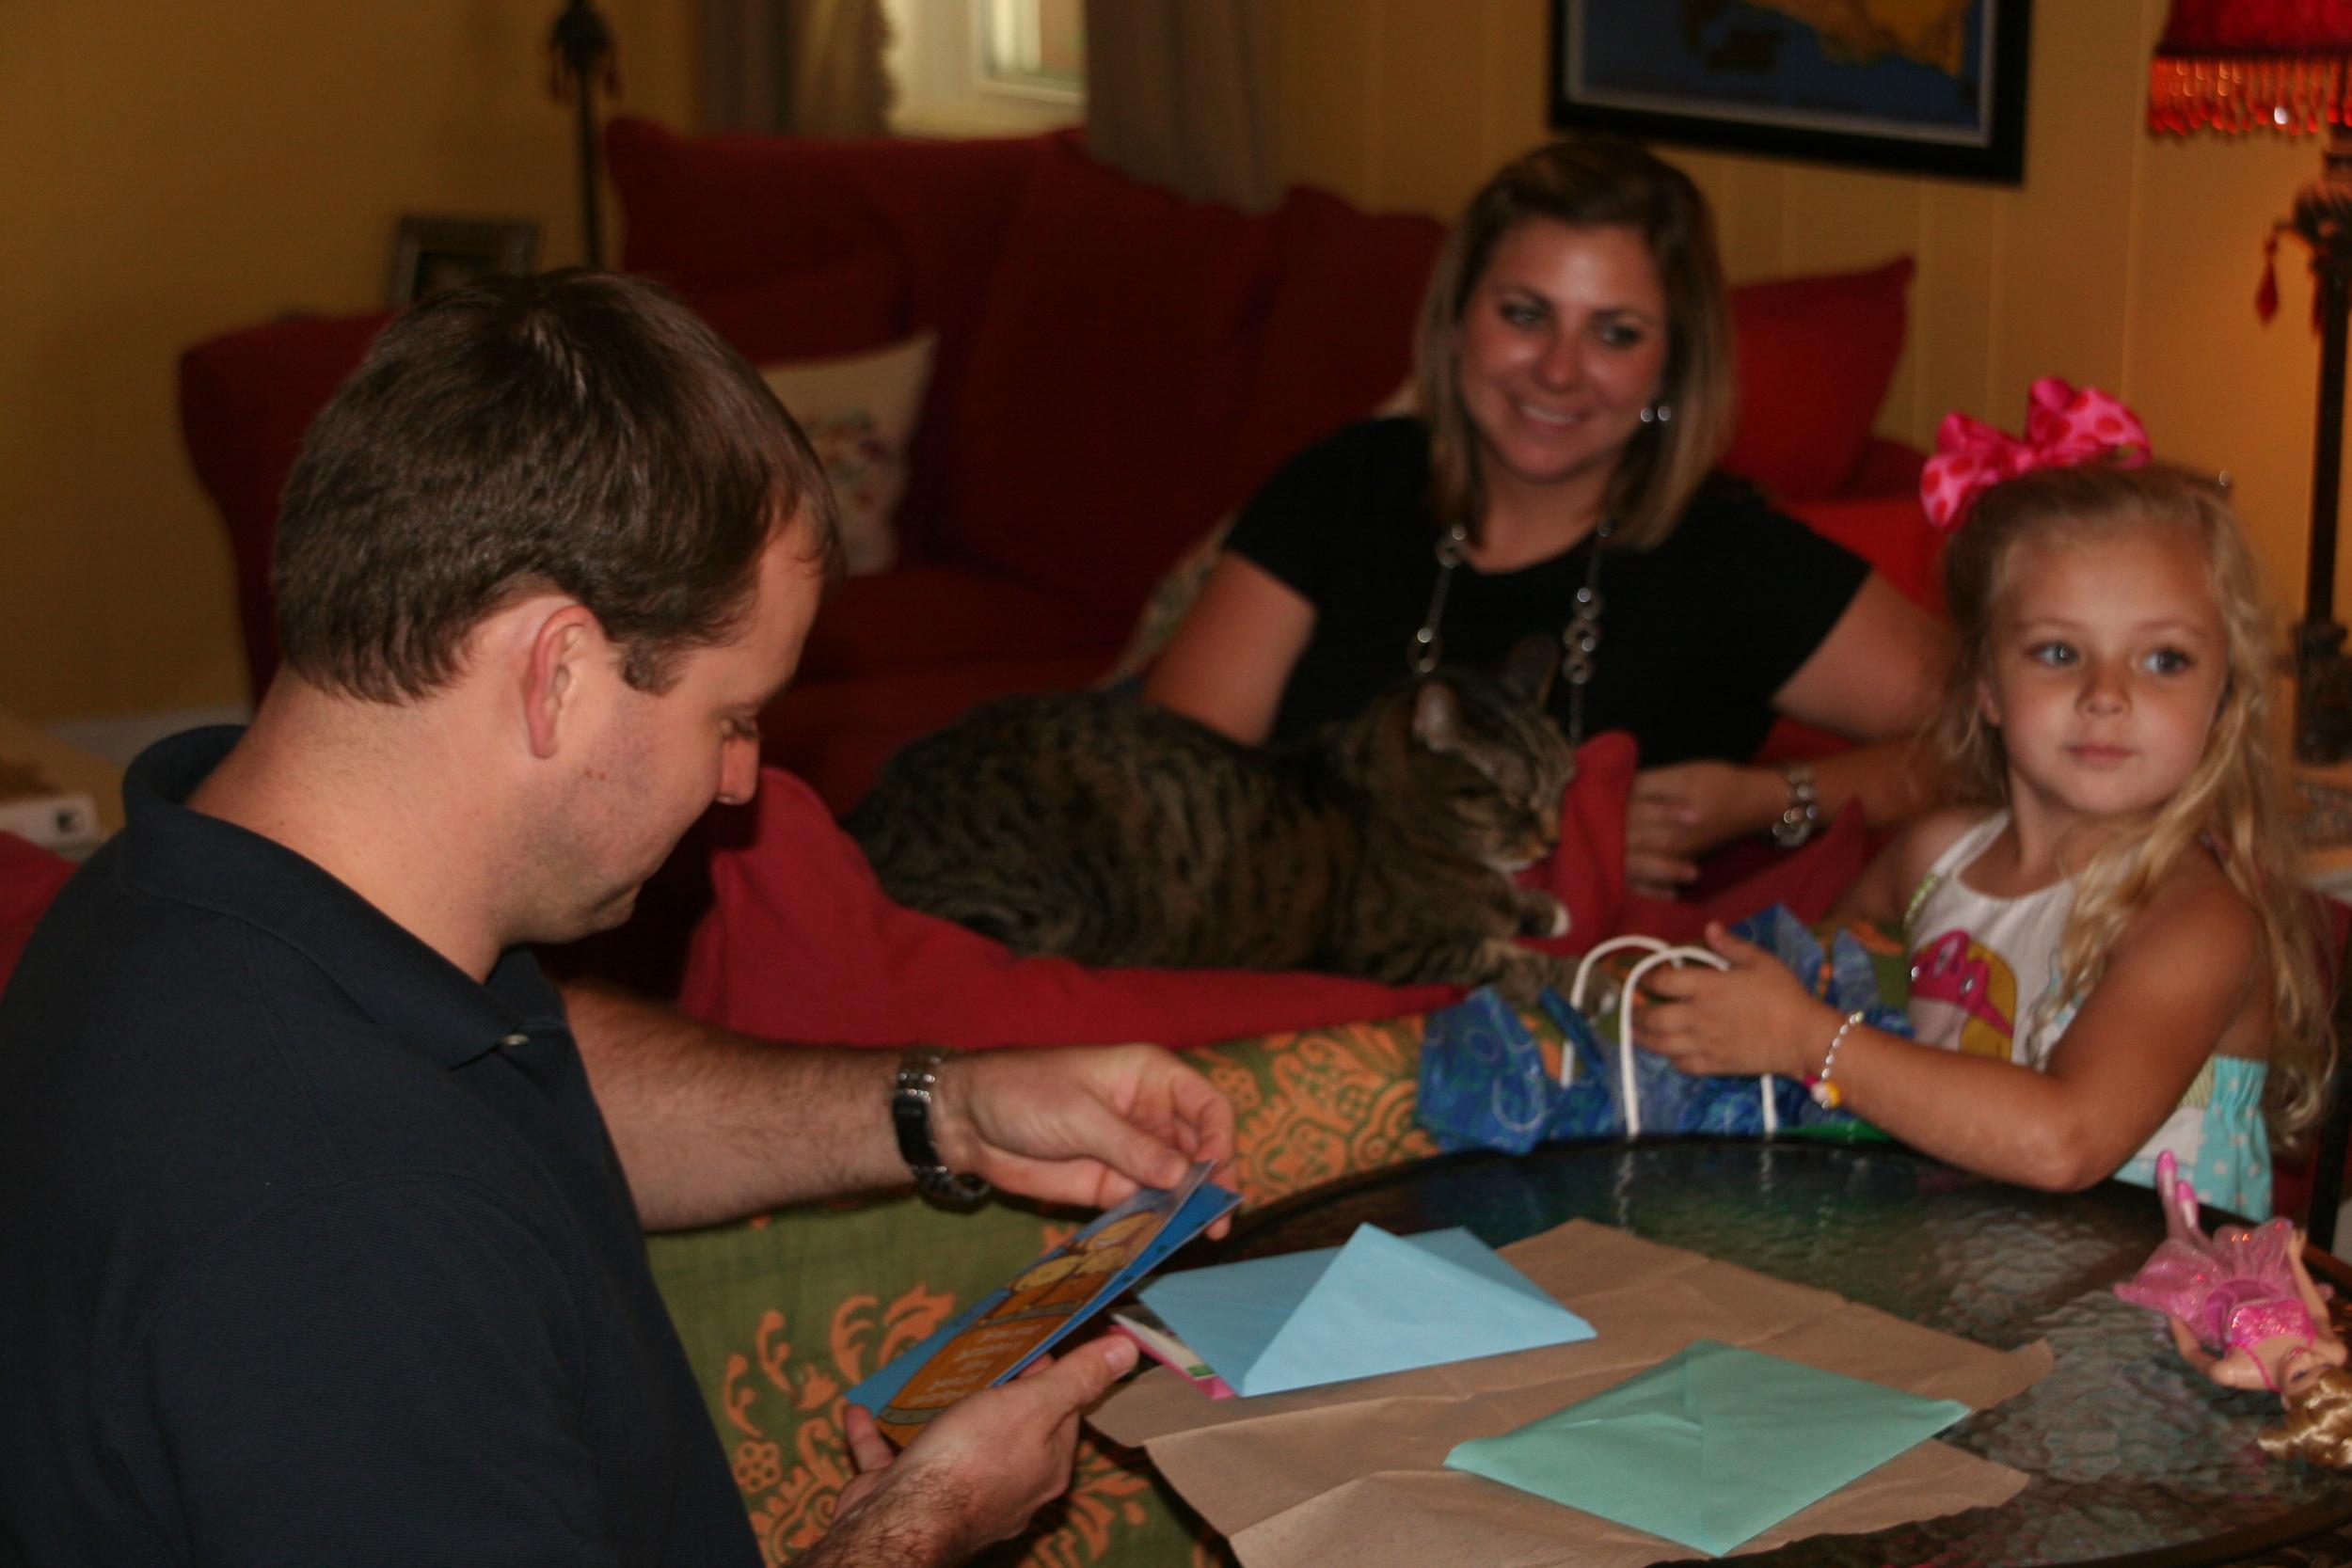 Jonathan, Oliver, Julie and Eliza, July 7, 2010.